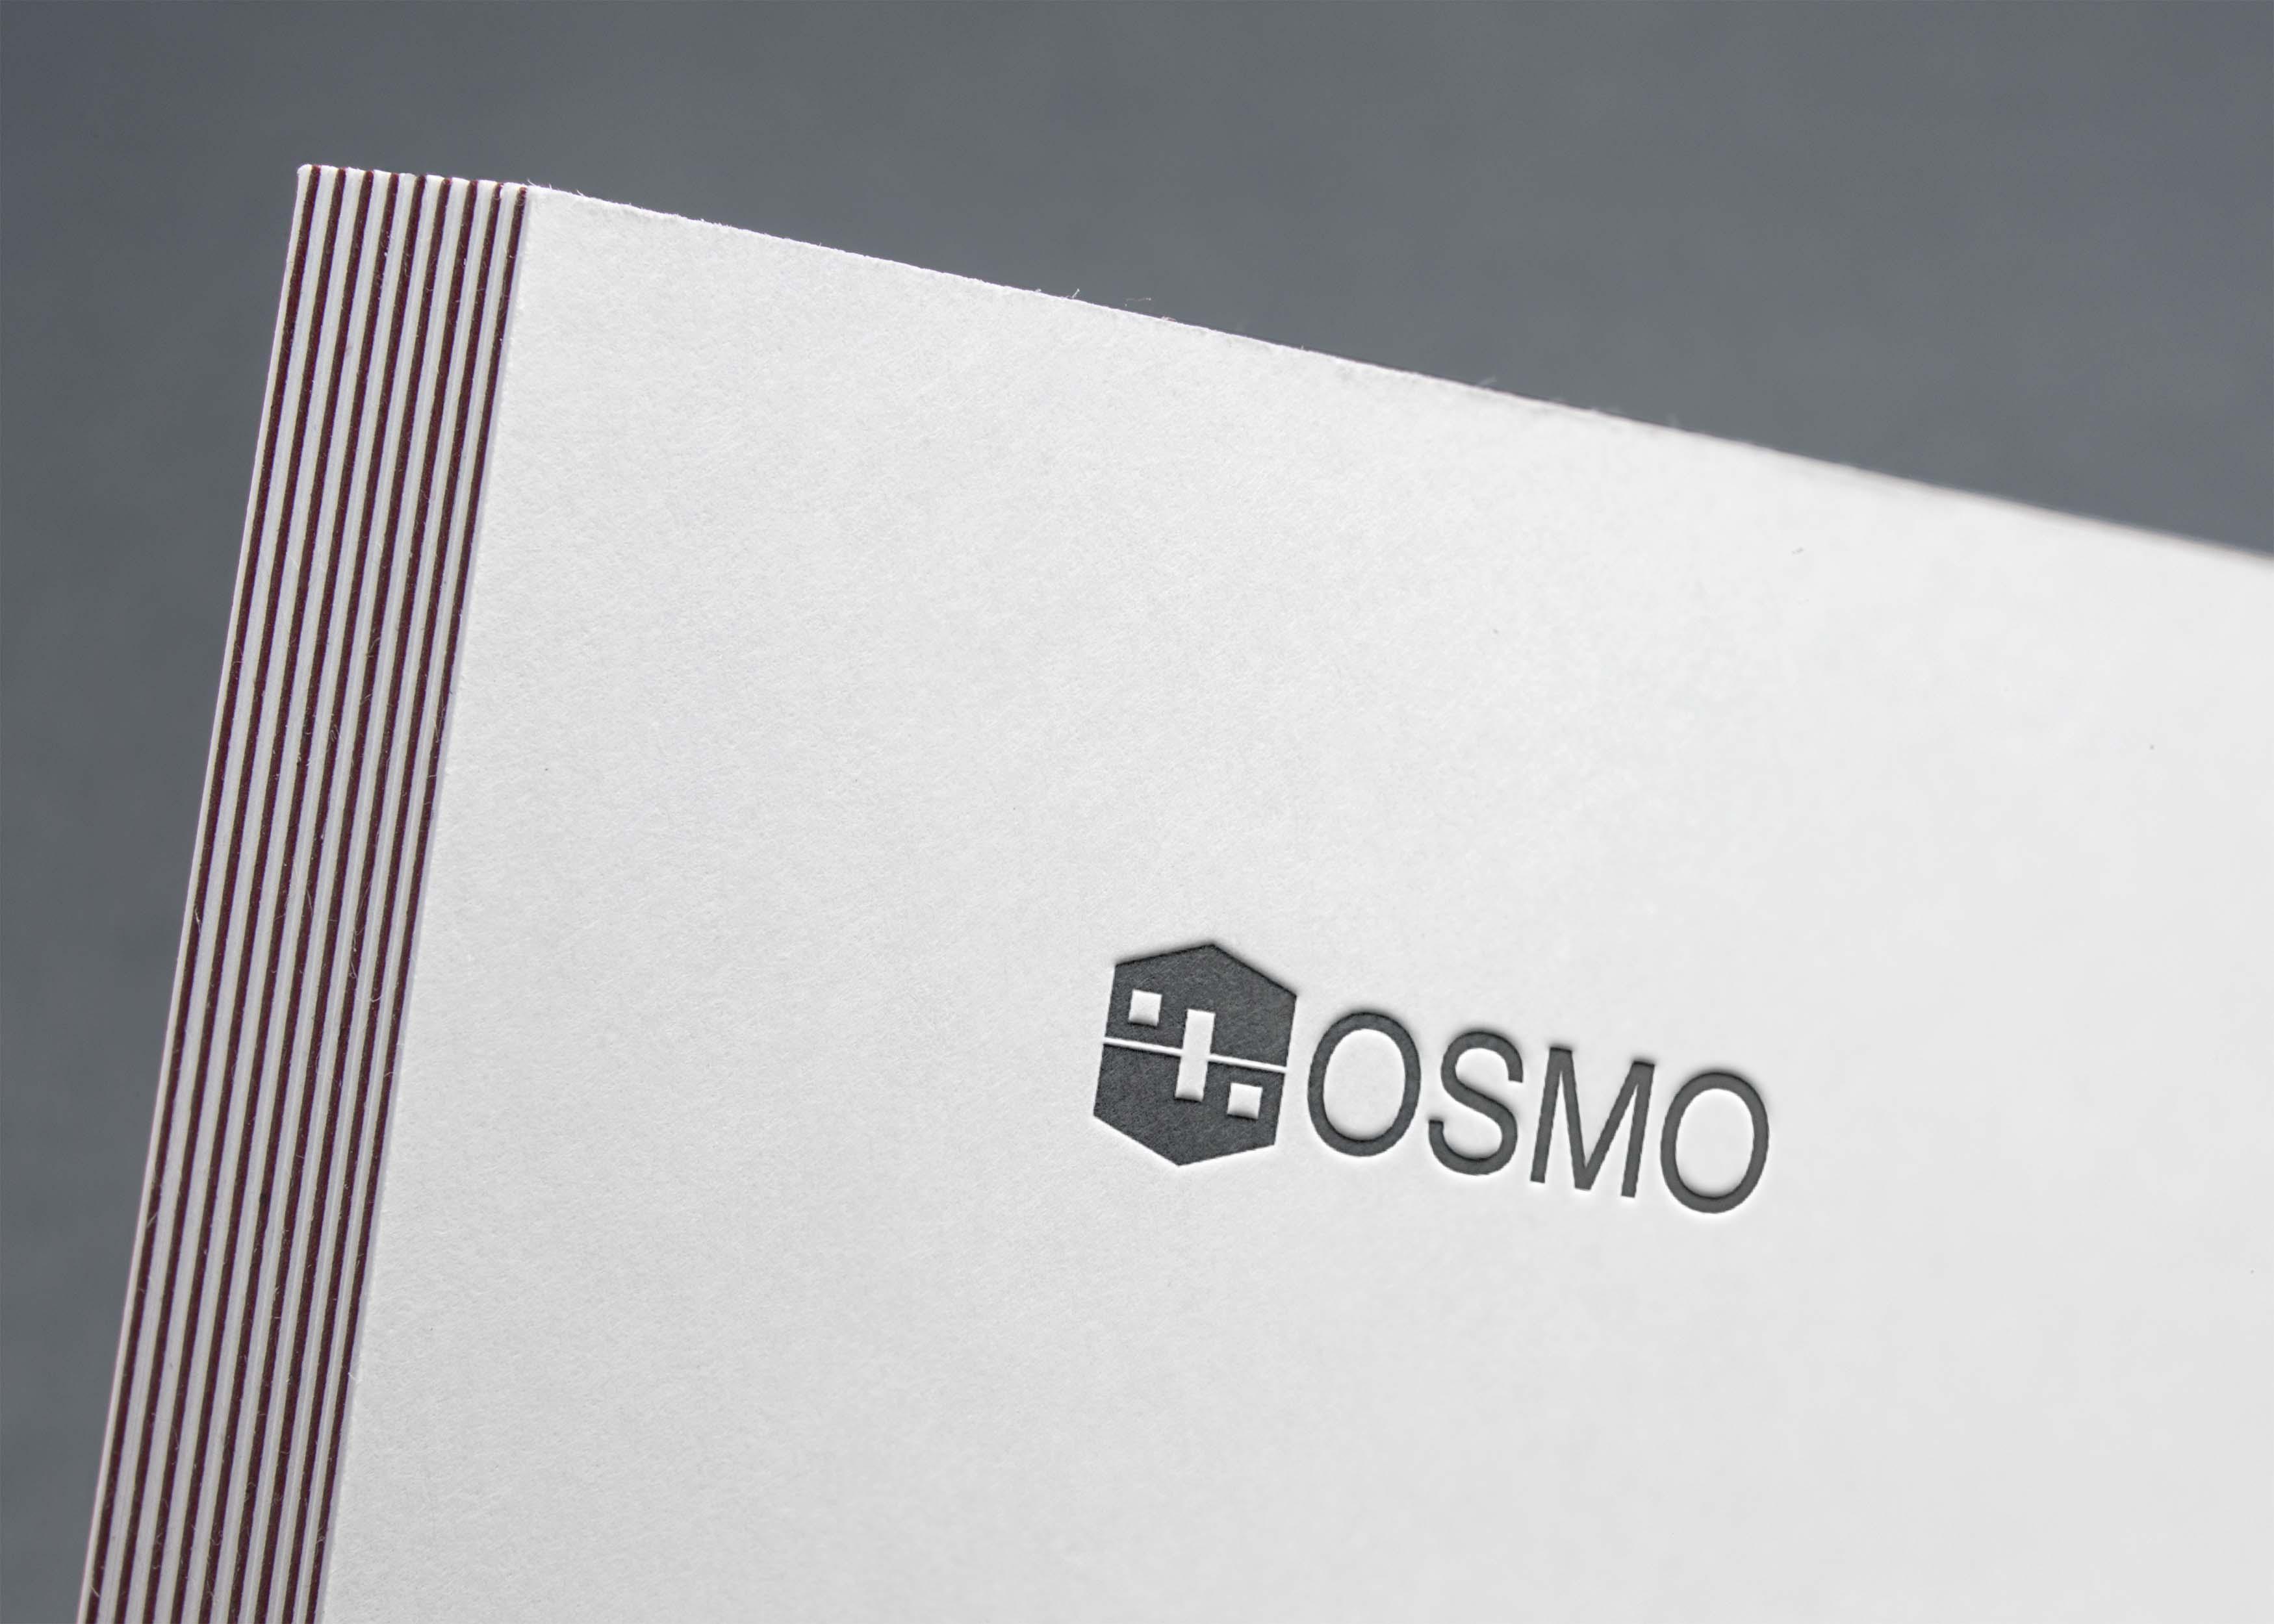 Создание логотипа для строительной компании OSMO group  фото f_65259b5615acdf23.jpg